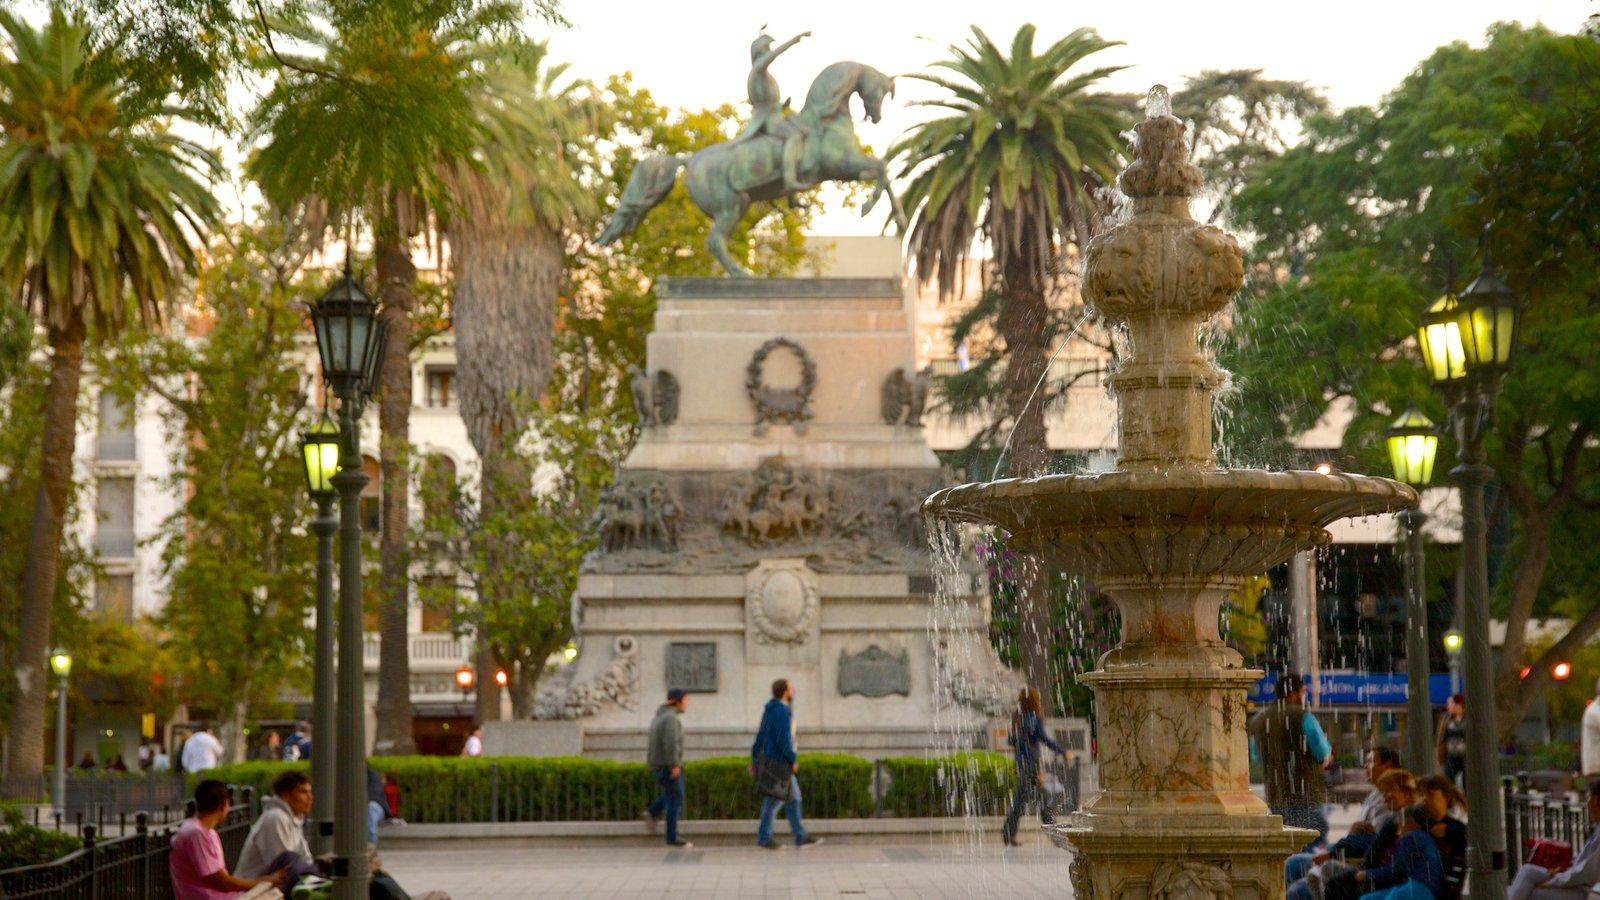 Plaza San Martín caracterizando uma estátua ou escultura, uma praça ou plaza e uma fonte